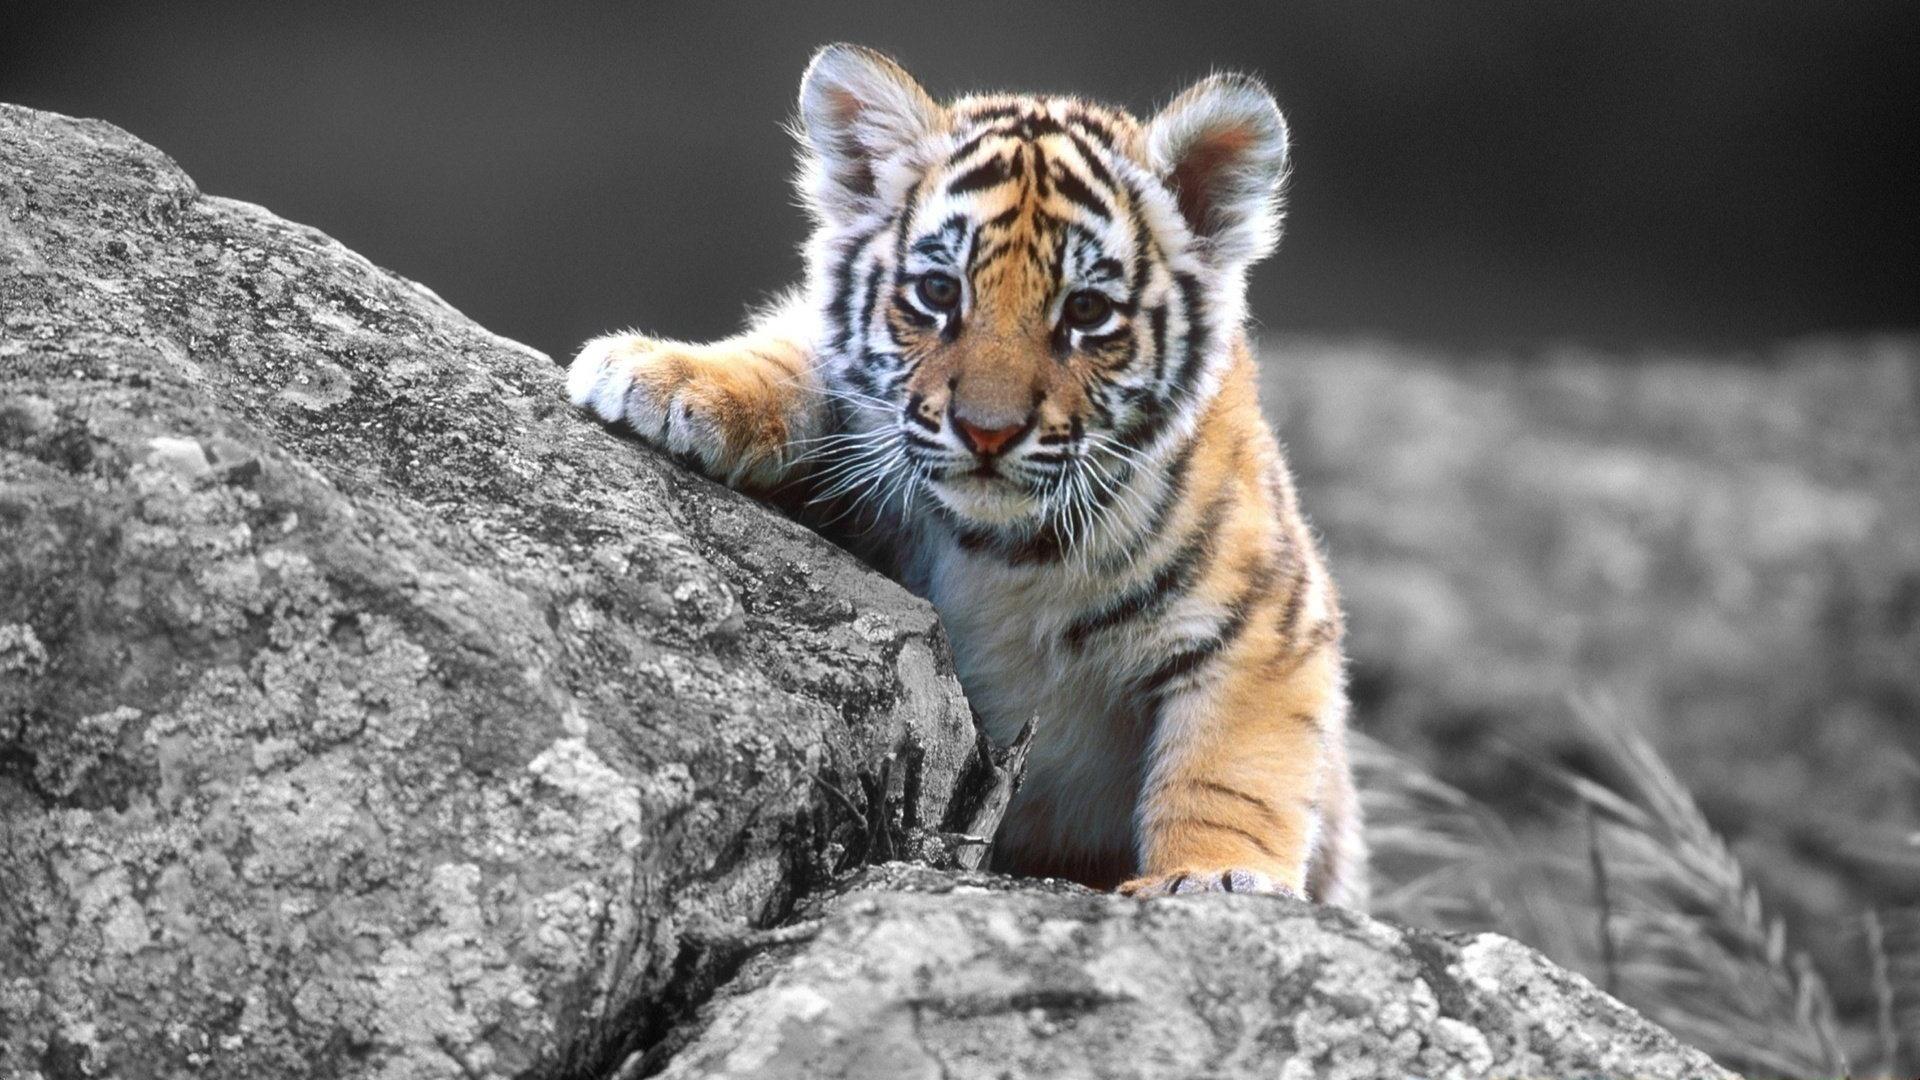 Cute Tiger Baby